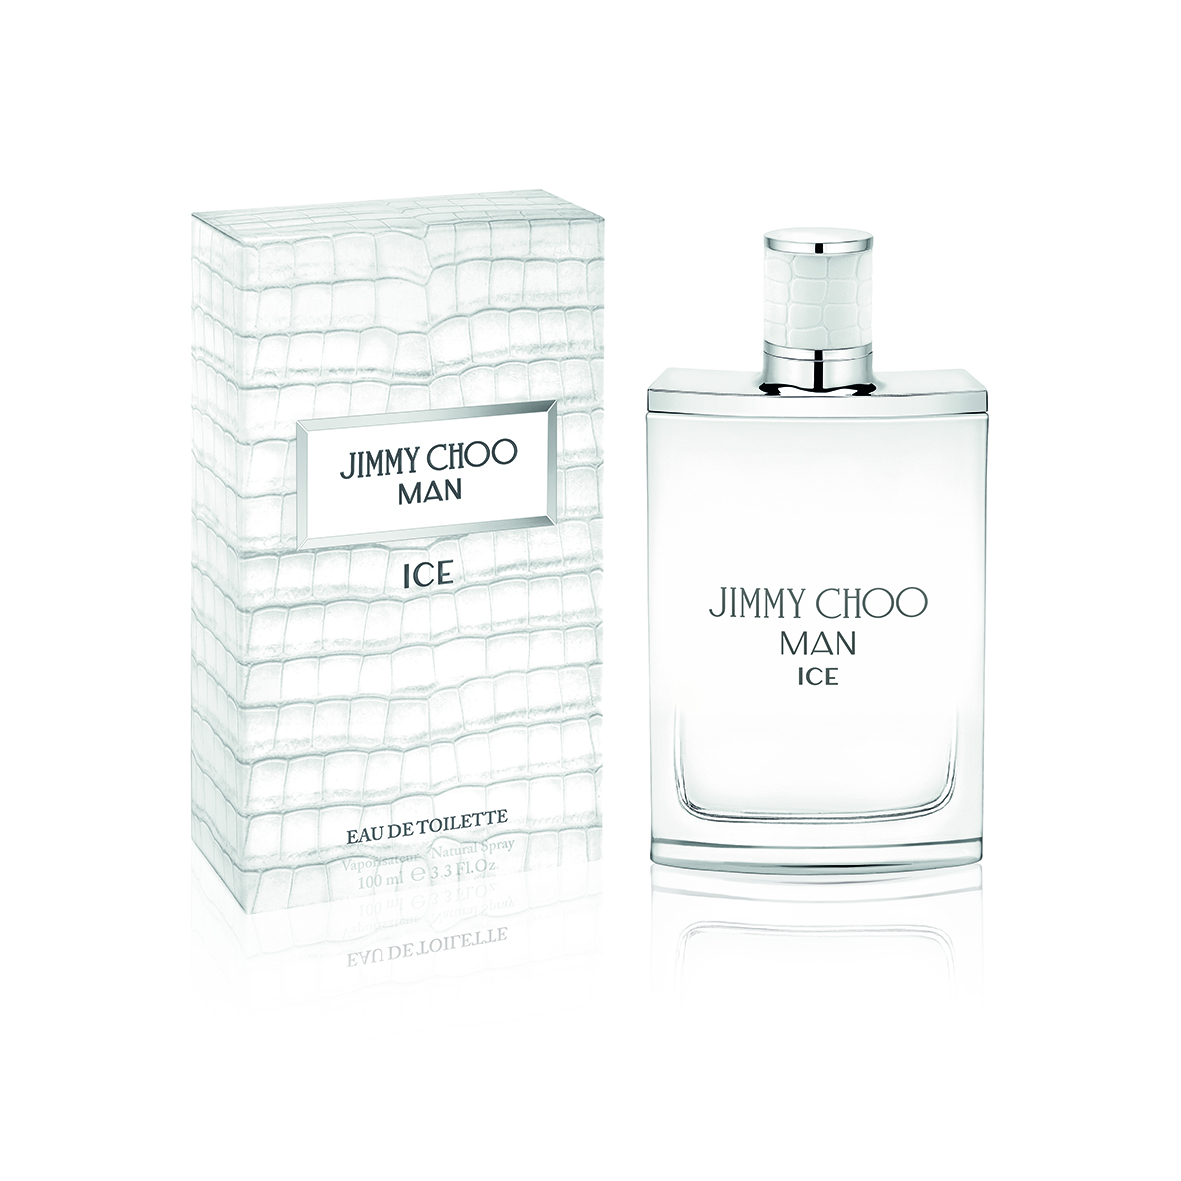 Nowy zapach Jimmy Choo - MAN ICE – to  ciąg dalszy ewolucji mężczyzny Jimmy Choo. Świeży aromatyczny zapach otwiera nowy rozdział w historii zapachów dla mężczyzn marki Jimmy Choo. Uosabia pełnię męskości, wrodzoną pewność siebie i naturalną uwodzicielskość, które cechują Mężczyznę Jimmy Choo. Jednak intensywna zmysłowość ustępuje tym razem miejsca bardziej przewrotnej naturze. Delikatniejsze oblicze kontrastuje z buntowniczą postawą i tajemniczym męskim charakterem zapachu podczas, gdy nuty głowy symbolizują dobry nastrój i humor. MAN ICE Jimmy Choo to obietnica radosnej zabawy w uwodzenie między mężczyzną i kobietą, związanymi zmysłowym zapachem. Od premiery kolekcji dla panów w roku 2011, Jimmy Choo proponuje mężczyznom  obuwie i torby, dodające współczesnego a czasem zabawnego charakteru klasycznym projektom, jak na przykład:  mokasyny inspirowane smokingiem,  buty oksfordzkie oraz kolekcja trampek Jimmy Choo. W roku 2014 oferta została wzbogacona o zapachy, które w krótkim czasie stały się prawdziwym filarem marki.     Zapach  Twórcą kolekcji męskich zapachów marki Jimmy Choo jest Michel Almairac. Teraz dołączył do niej nowy, dynamiczny i złożony zapach.  Świeżą, mocną kompozycję otwiera cytrusowa bryza z niuansami mandarynki, bergamotki i esencją z cytronu. W sercu zapach nabiera intensywności za sprawą nut drzewnej wetiwerii, paczuli i esencji z drzewa cedrowego, podbitych musującym jabłkiem. Mocne nuty piżma, mchu i ambroksanu dodają kompozycji naturalnej elegancji przyprawionej hinotyzującą sygnaturą.  Nuty głowy: mandarynka, bergamotka, esencja z cytronu  Nuty serca: esencja z wetiwerii pachnącej, esencja z paczuli, drzewo cedrowe, jabłko   Nuty podstawy: piżmo, mech, ambroksan